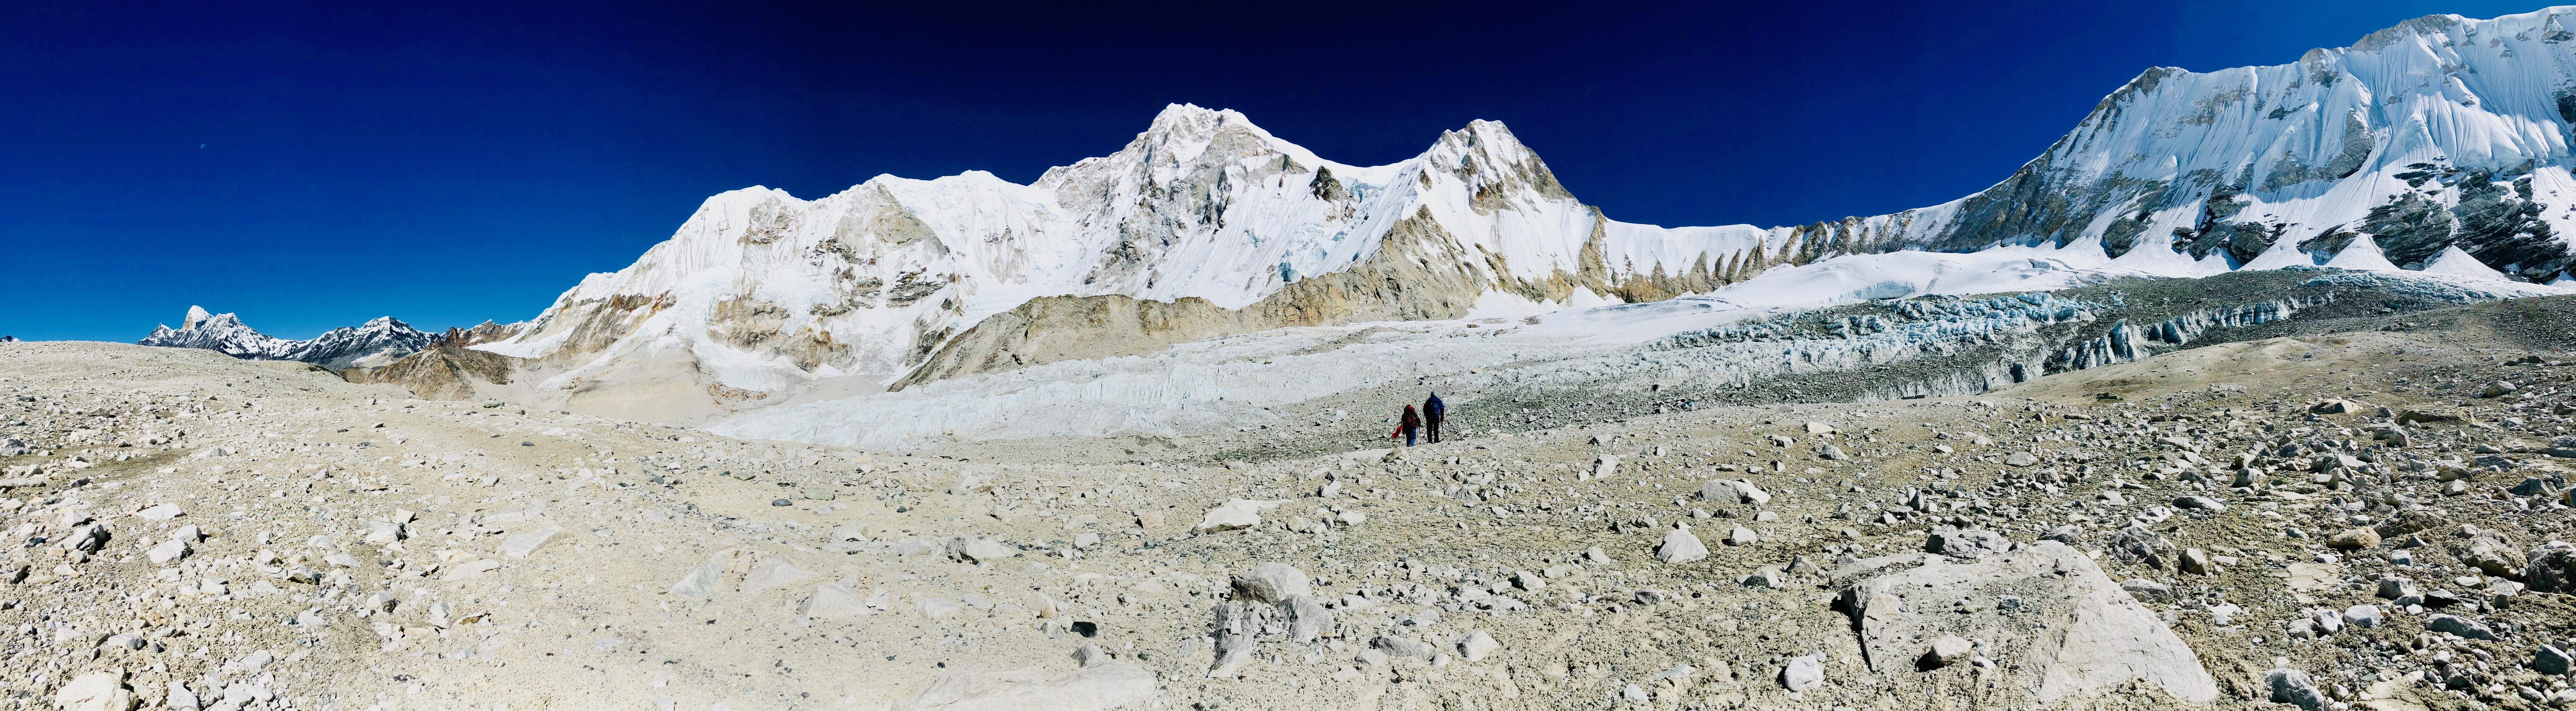 Parasta vuorikiipeilyssä: inspiroivat maisemat